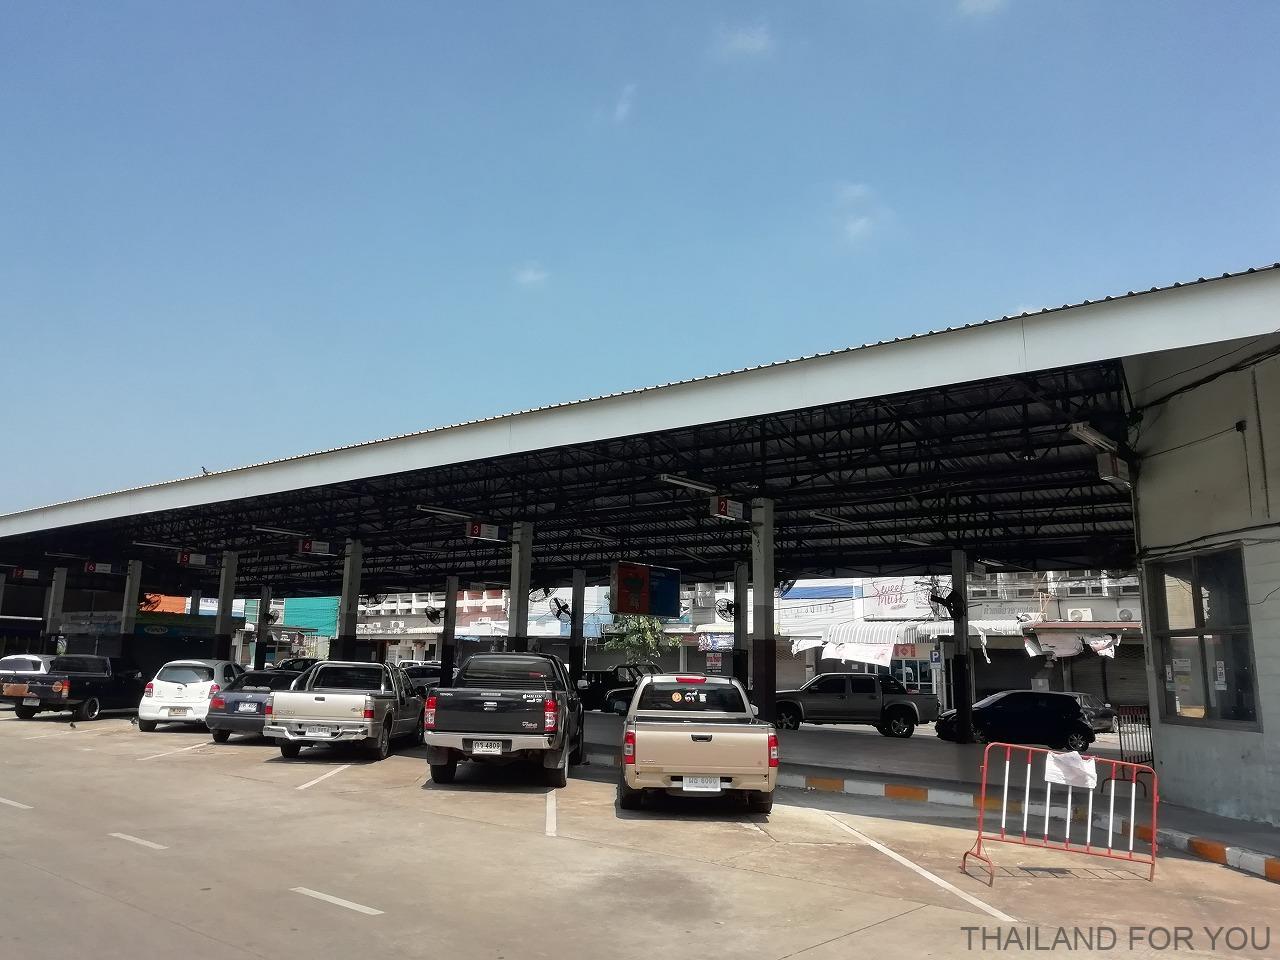 コンケン バスターミナル2 khon kaen bus terminal 2